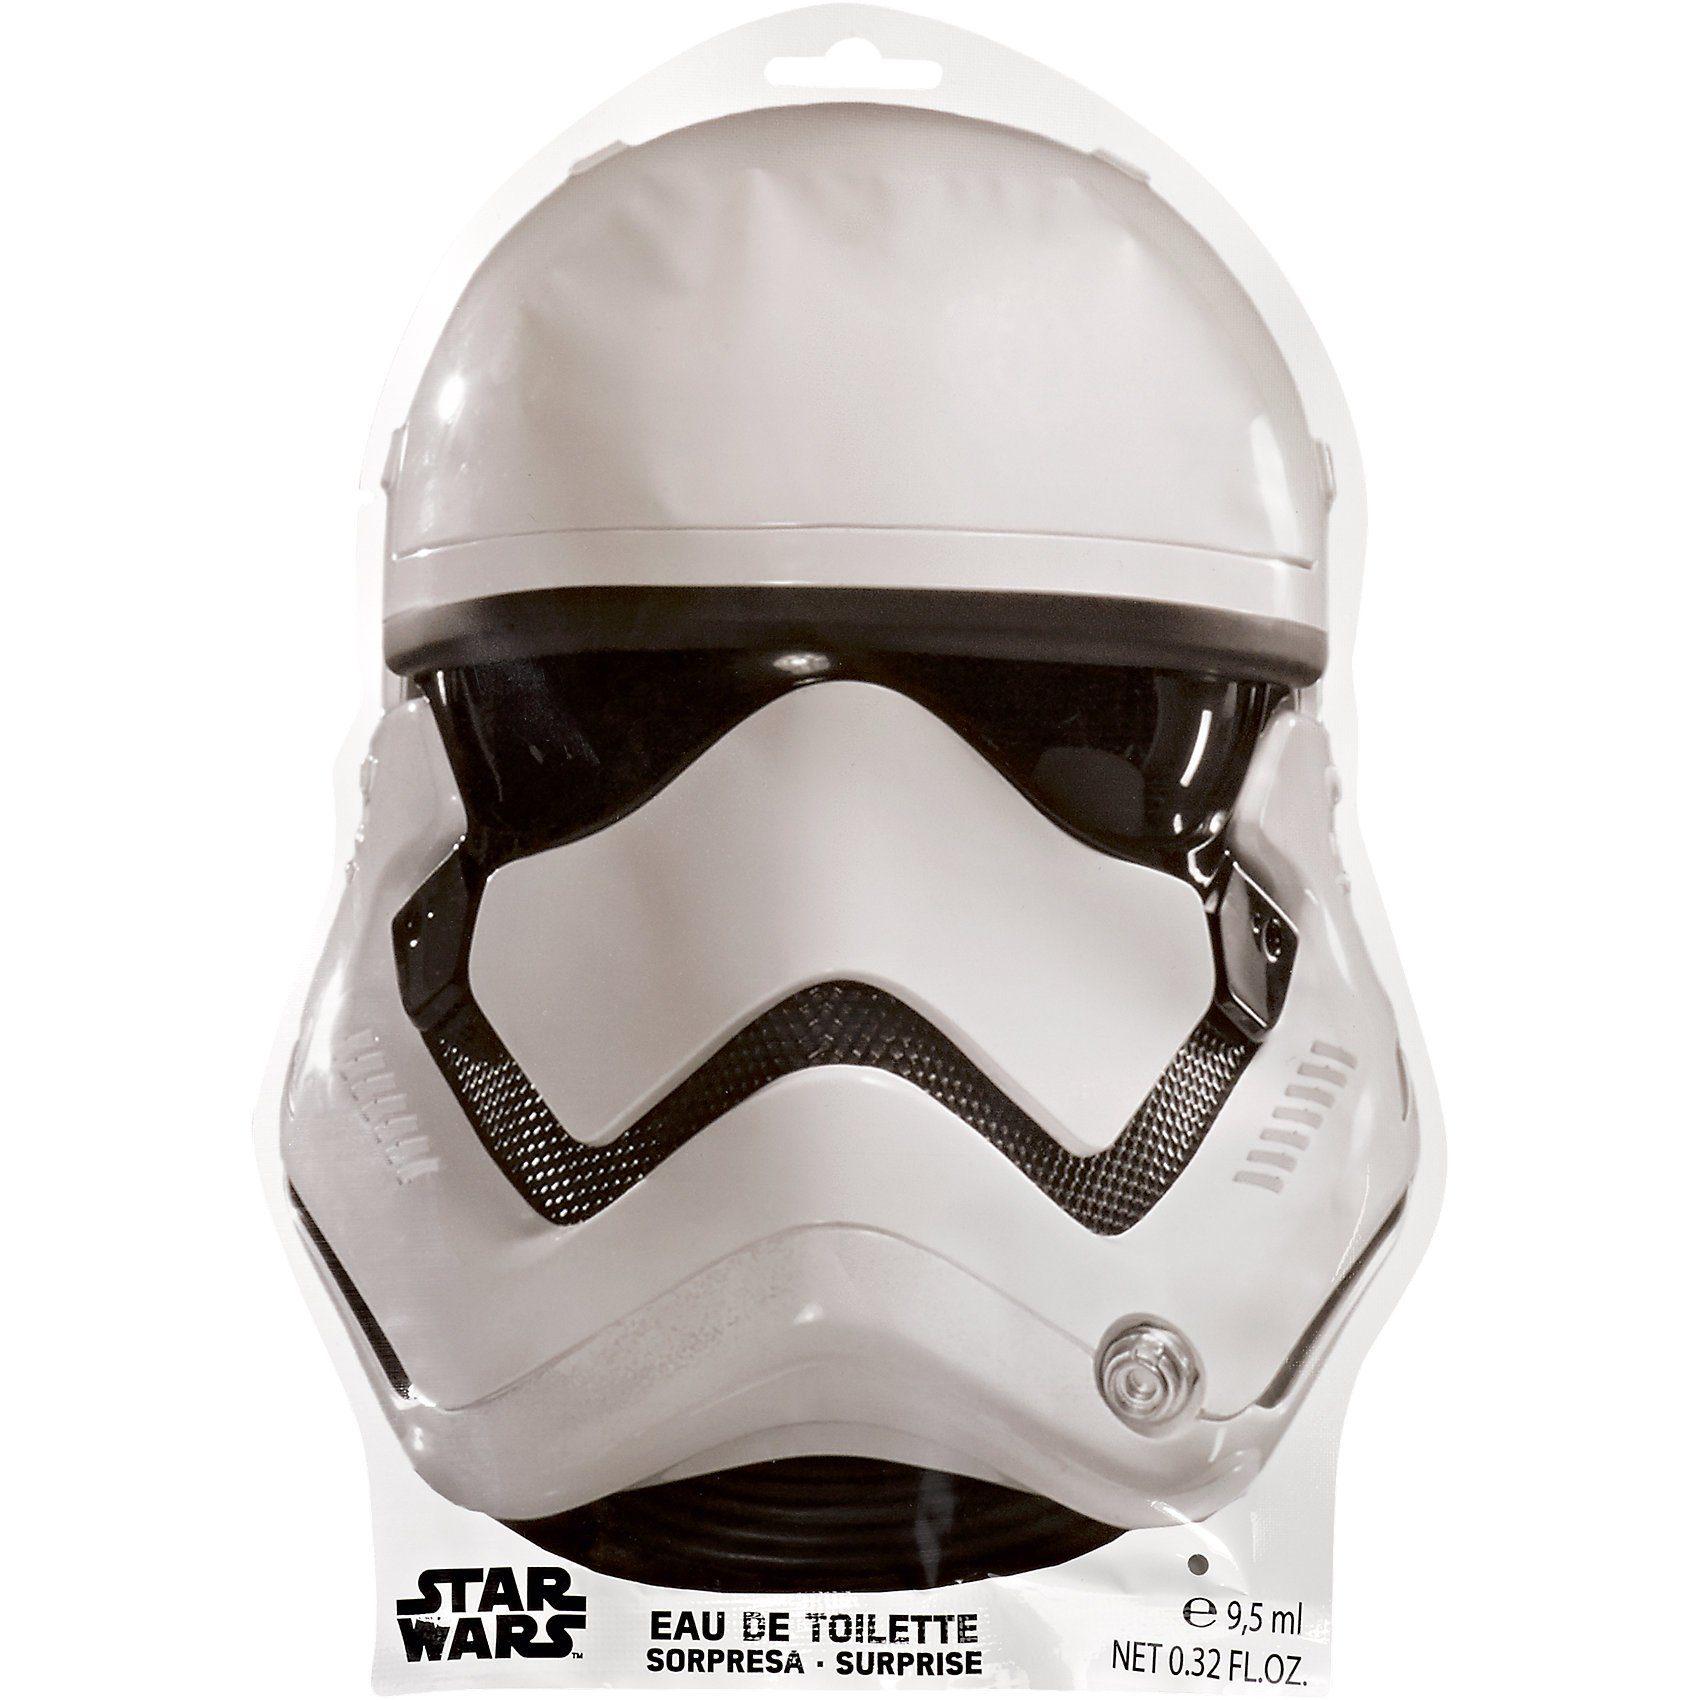 Überraschungstüte Star Wars mit Eau de Toilette, 9,5 ml